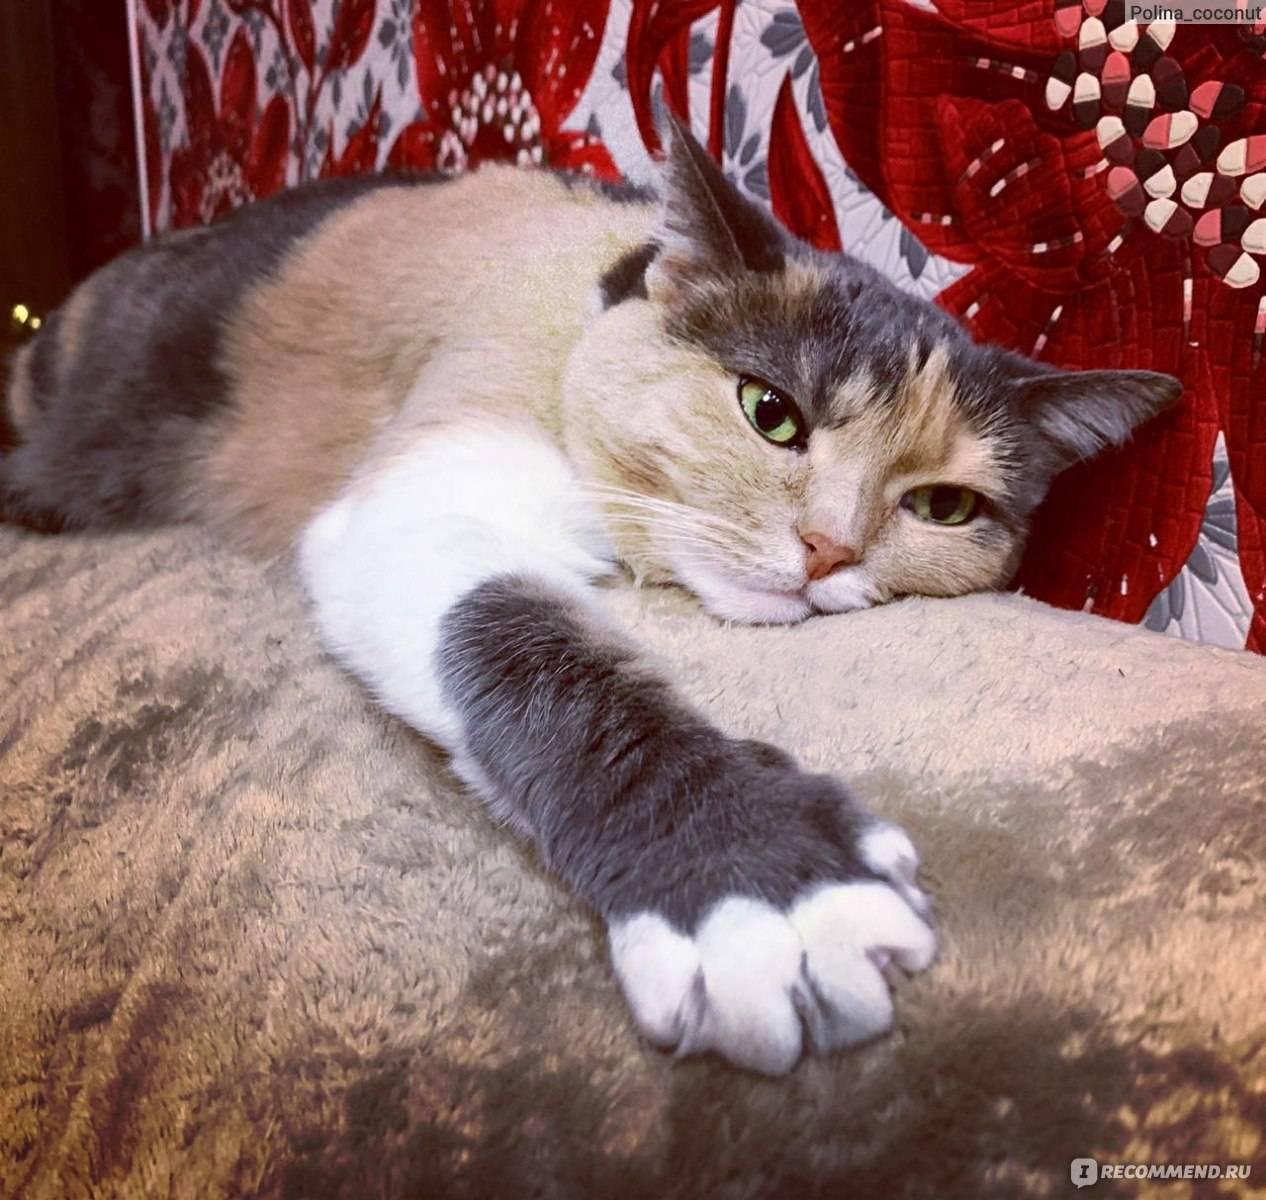 Капли от блох кот слизал что делать